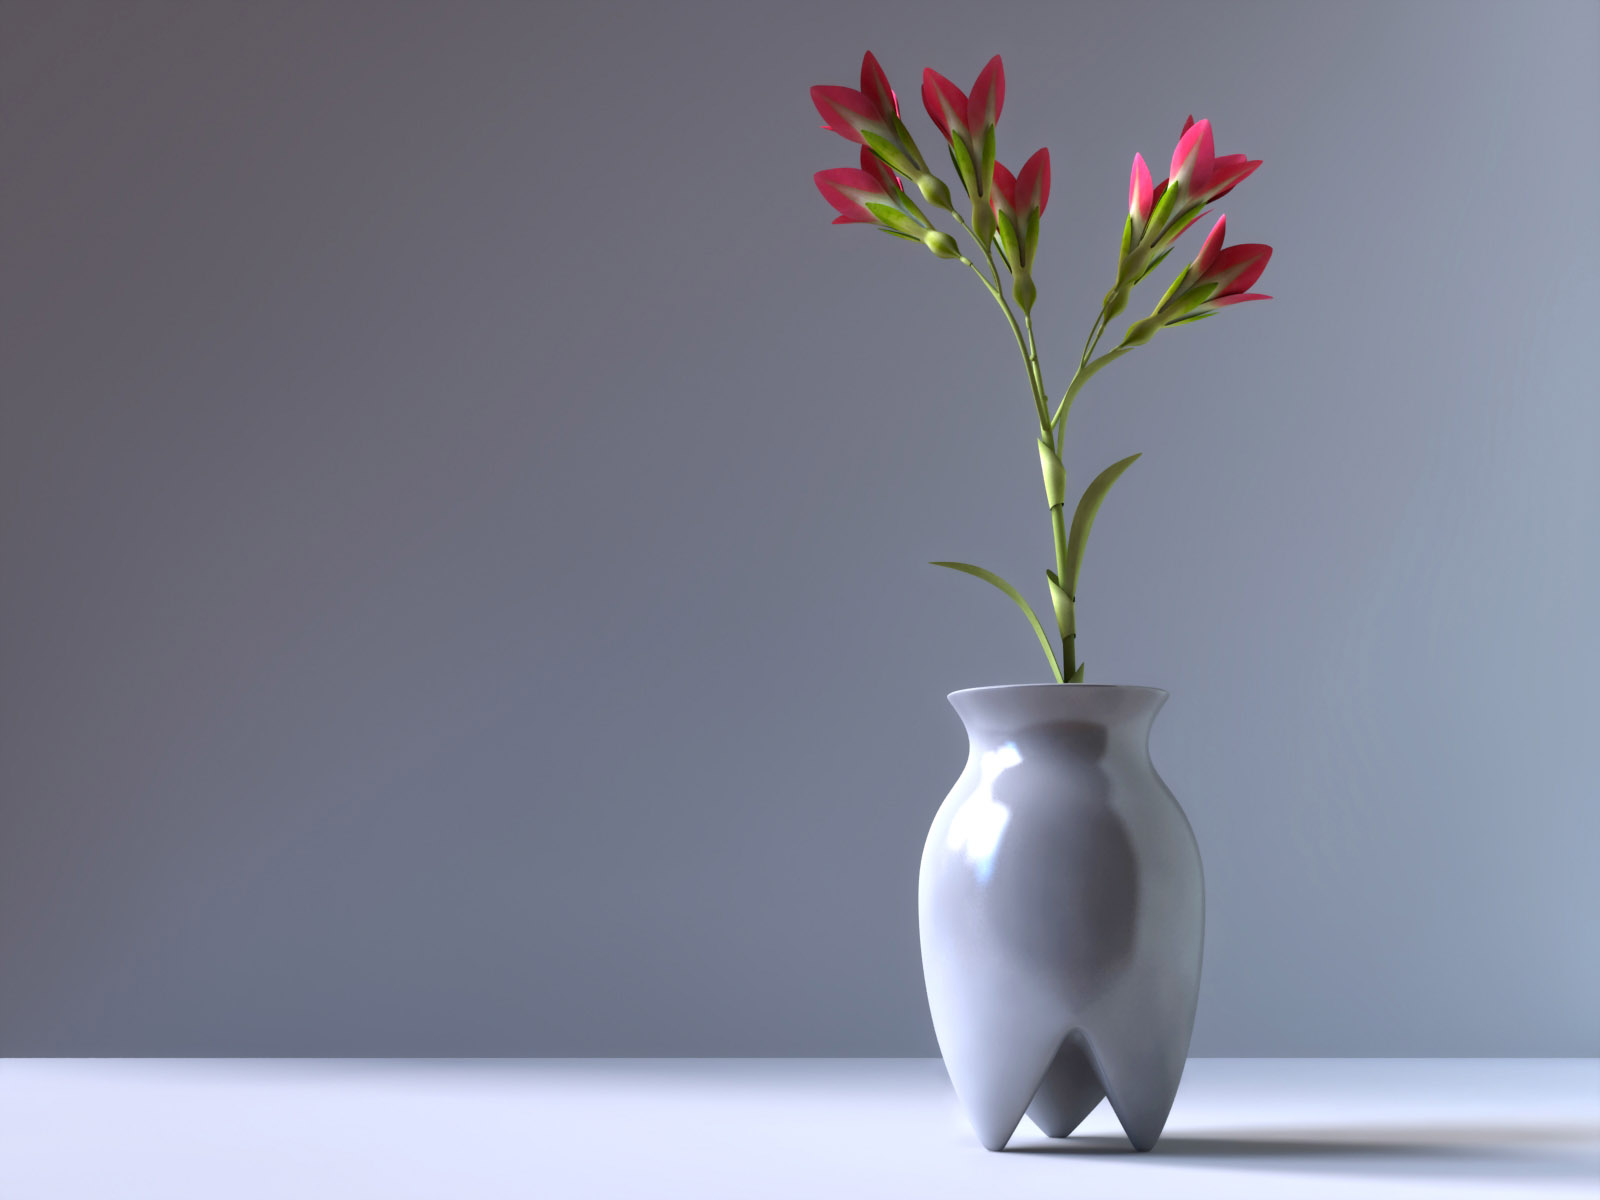 Flowers vase- Wallpaper 1600x1200